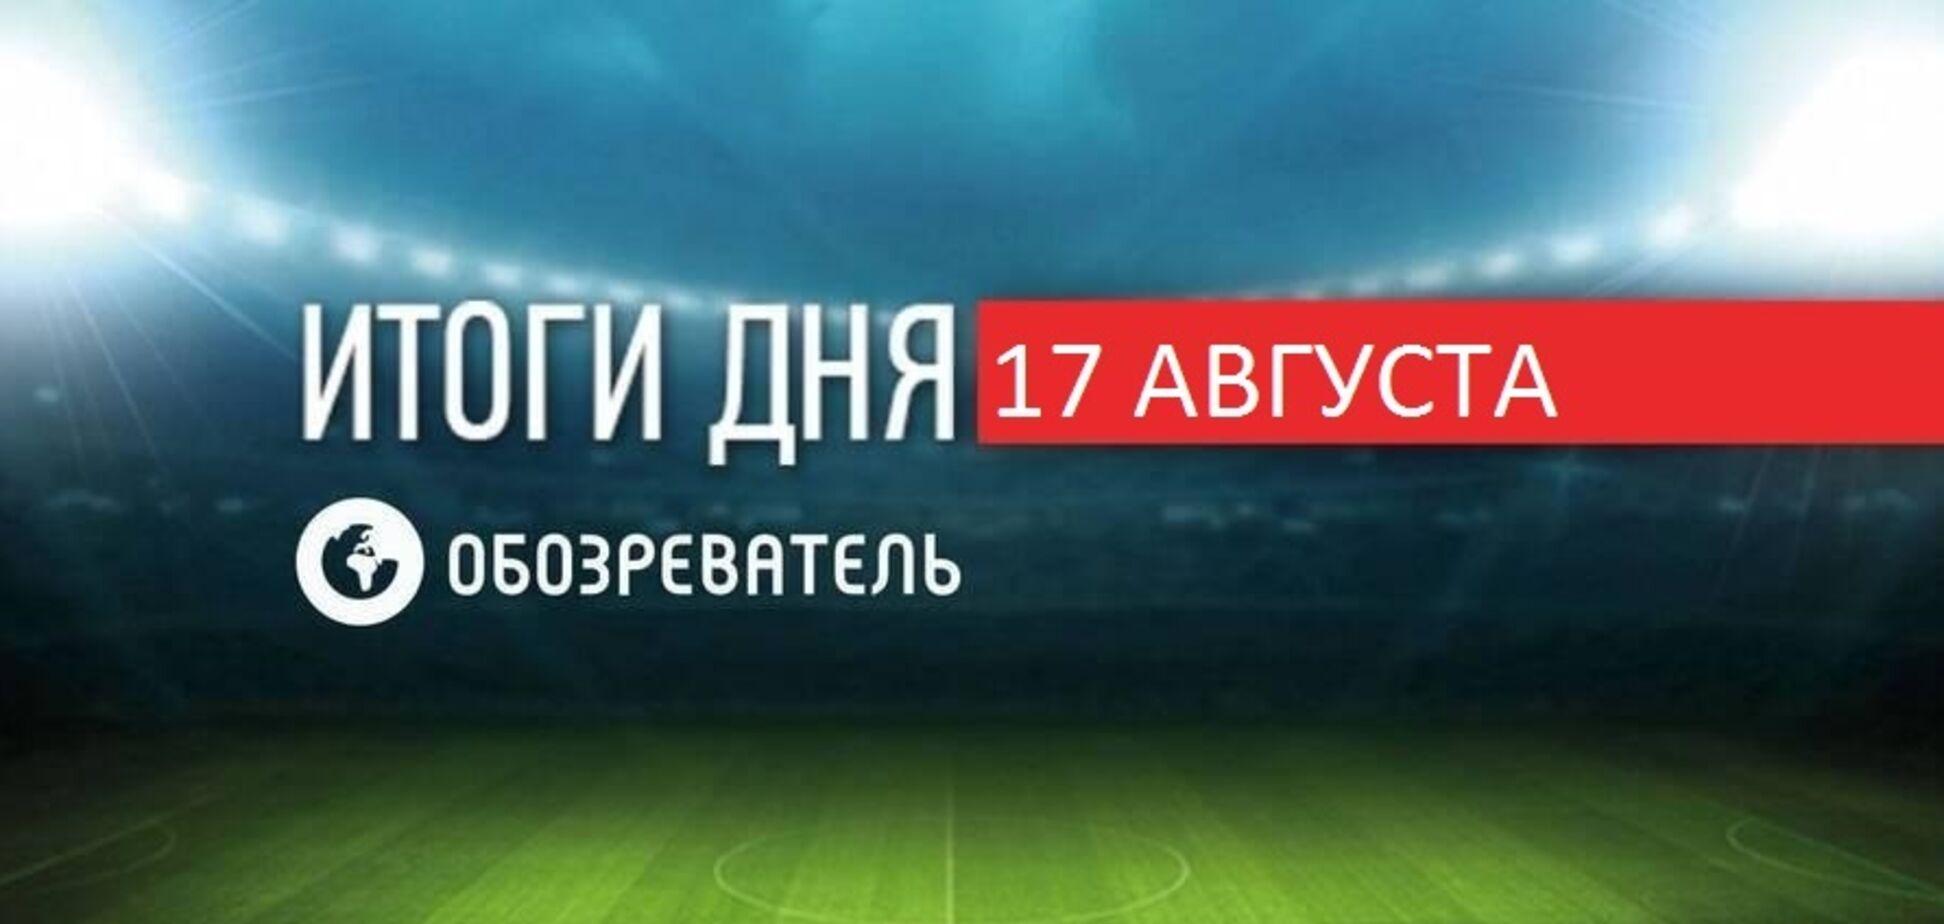 'Шахтар' пропустив п'ять голів від 'Інтера' і вилетів з ЛЄ: спортивні підсумки 17 серпня